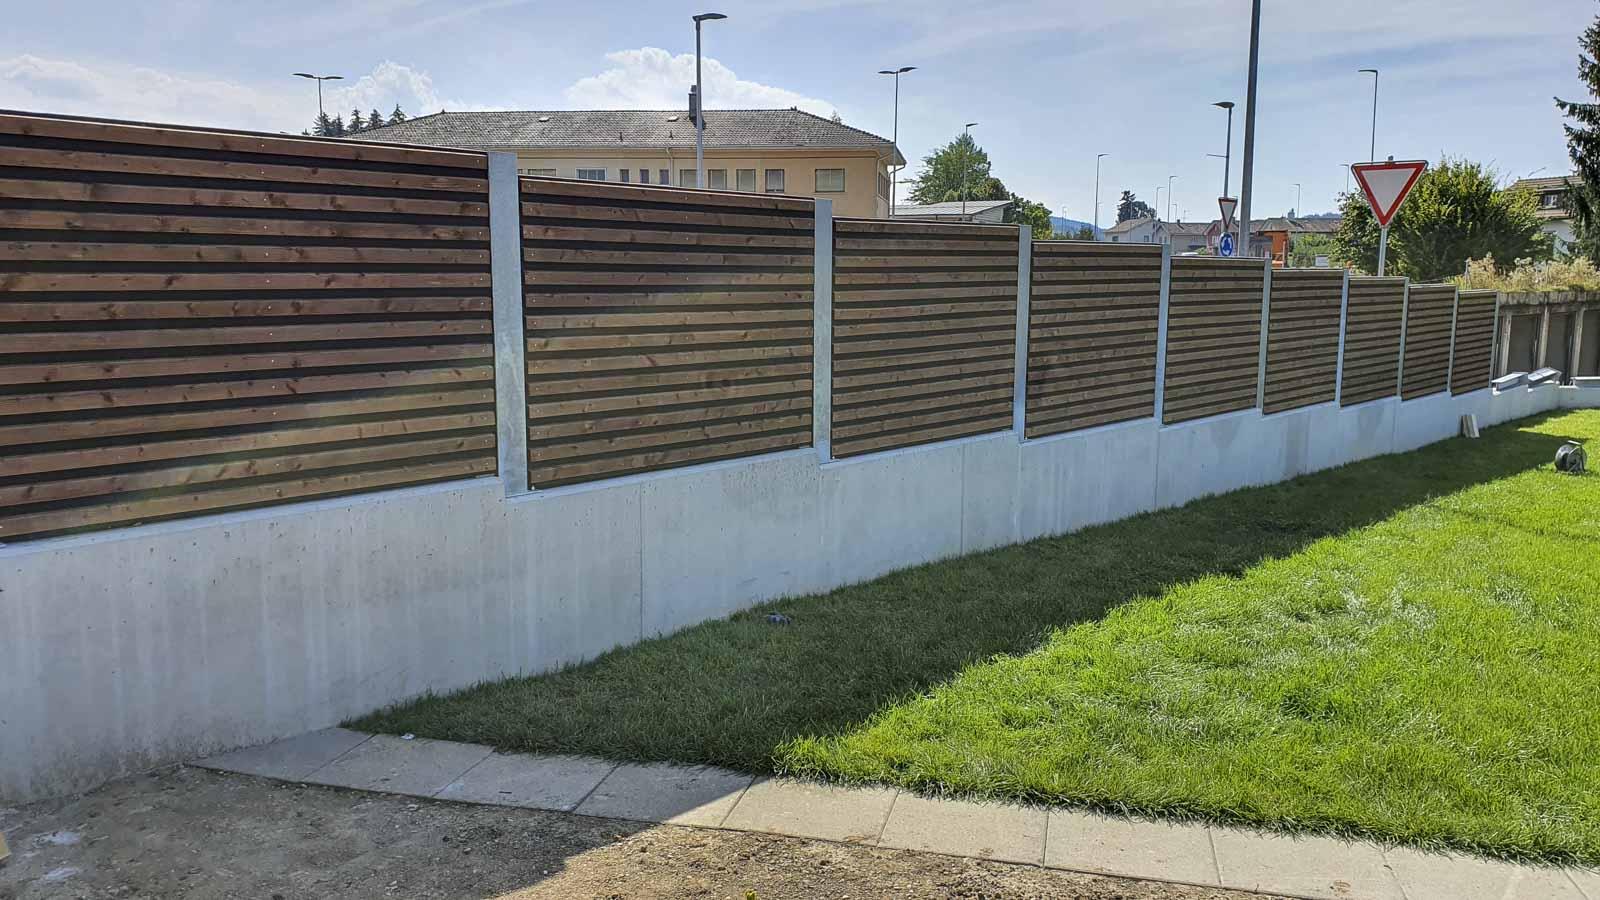 Wooddesign_Terrassengestaltung_Sichtschutz_Schallschutz_Schallschutzwand_druckimprägniert braun (6)